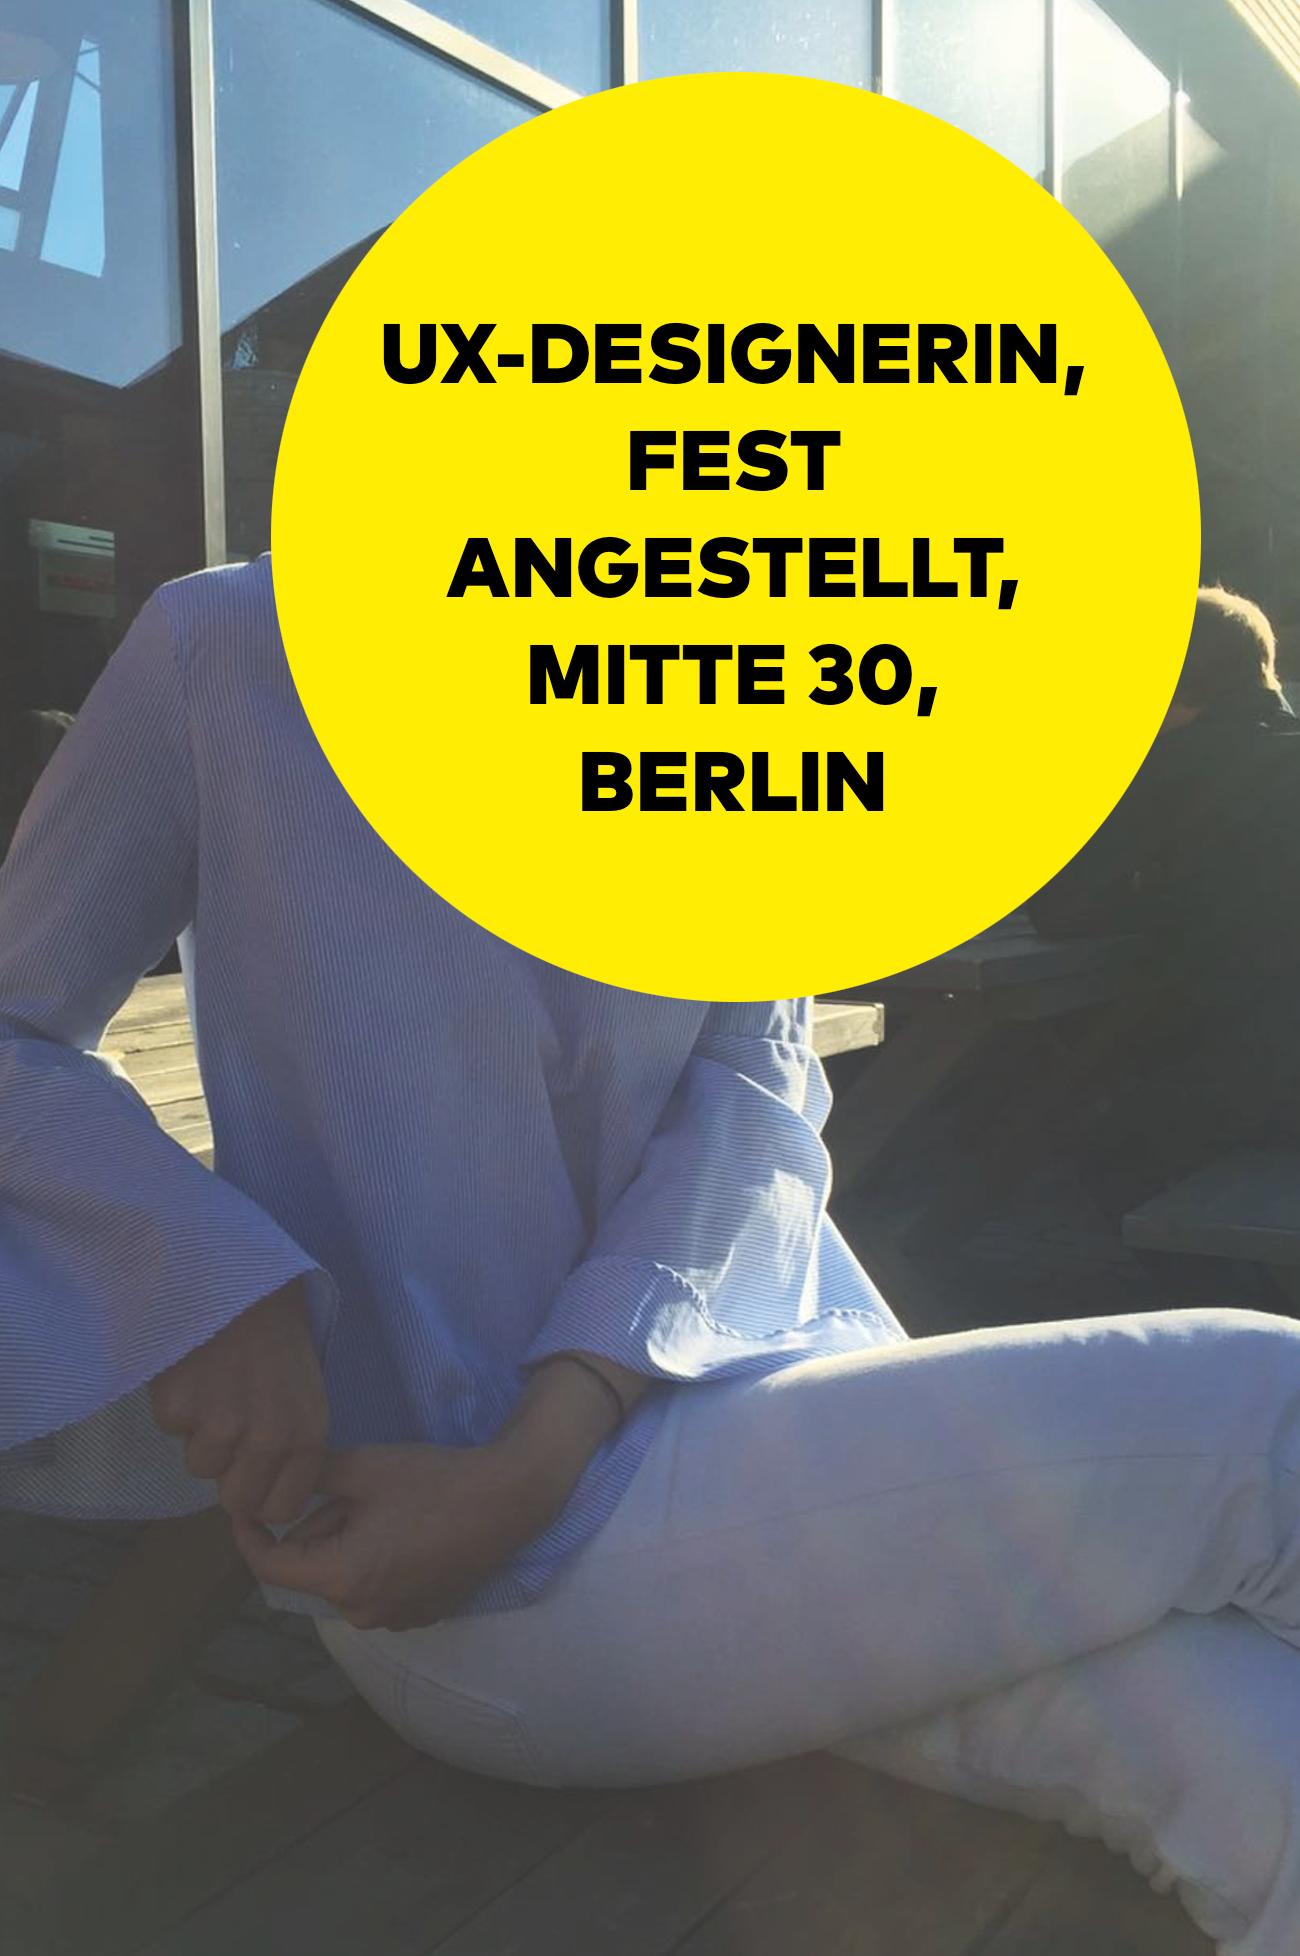 UX Design, Gehalt, Gehalt Grafikdesigner, Digitalagentur